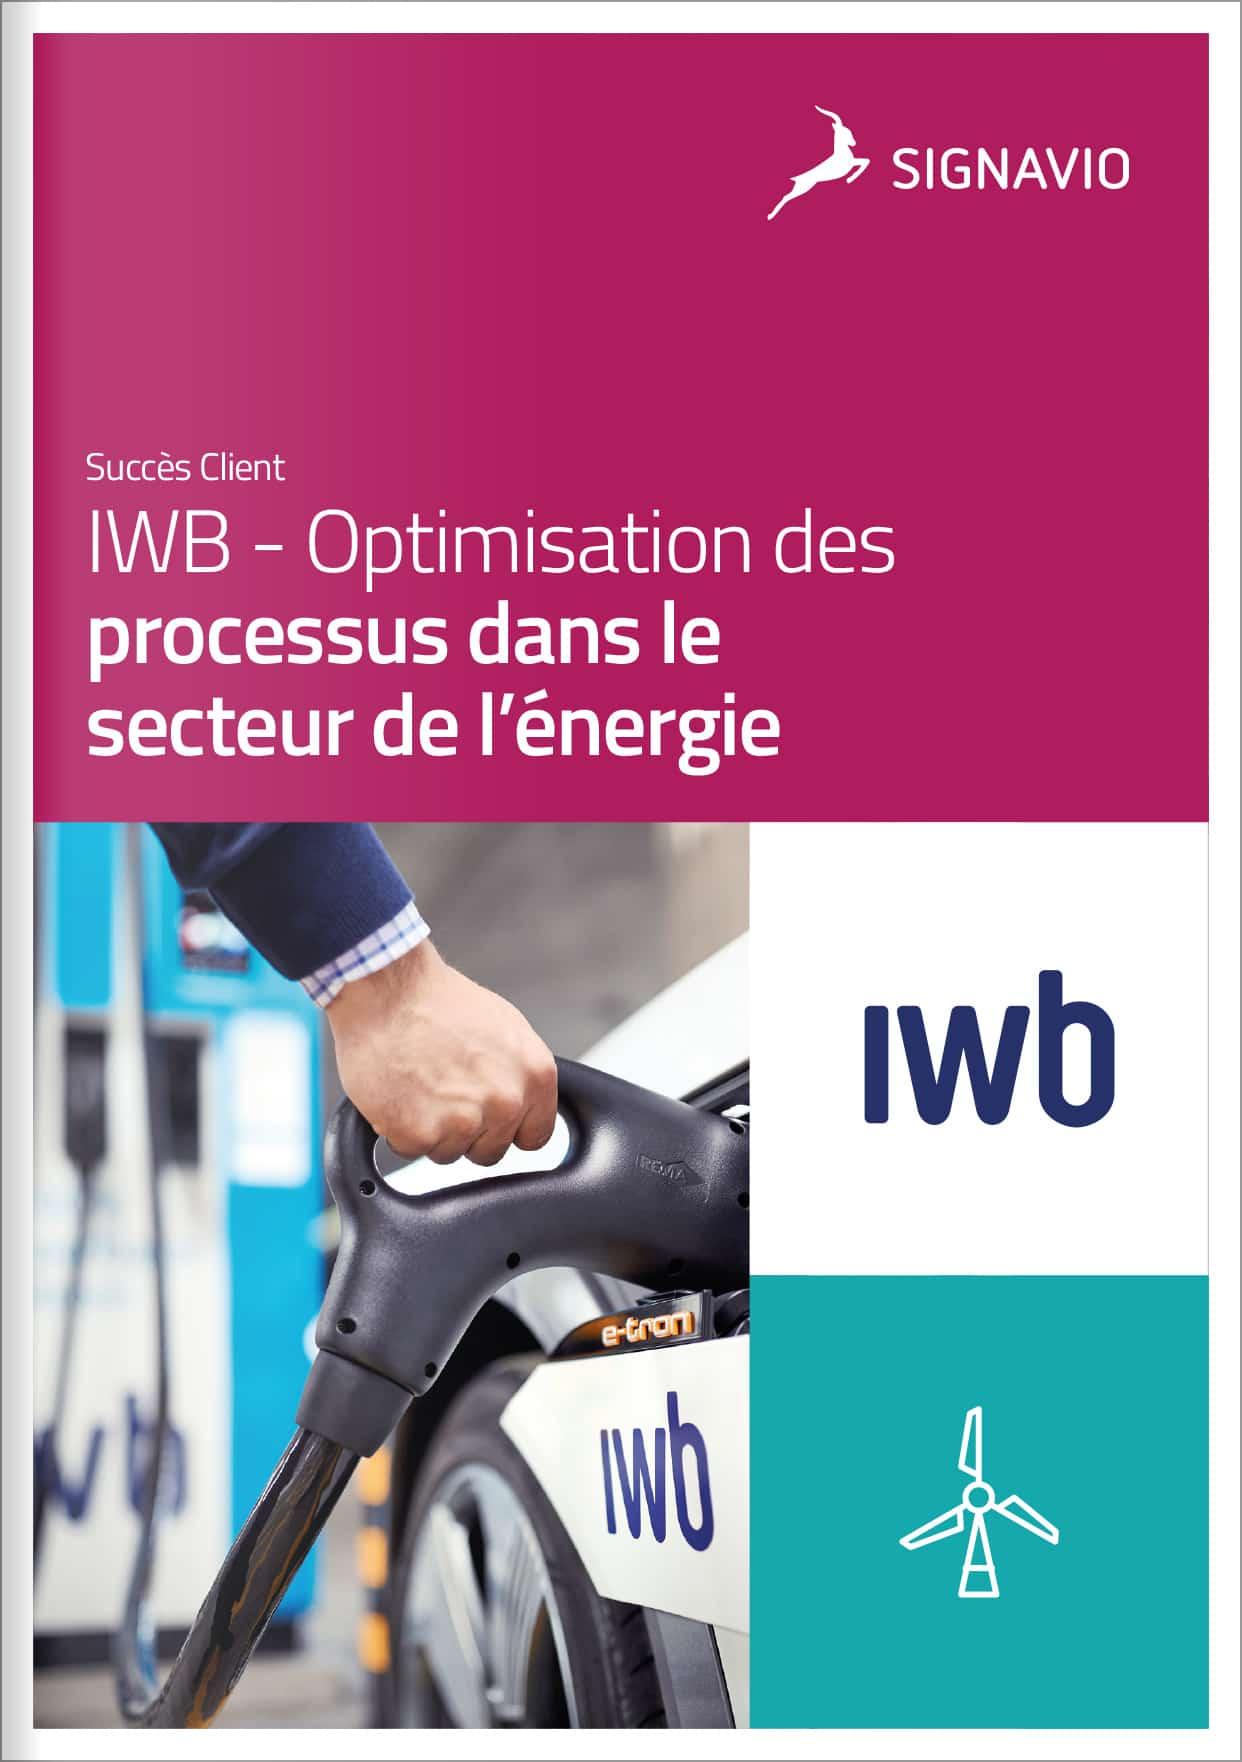 iwb succès client